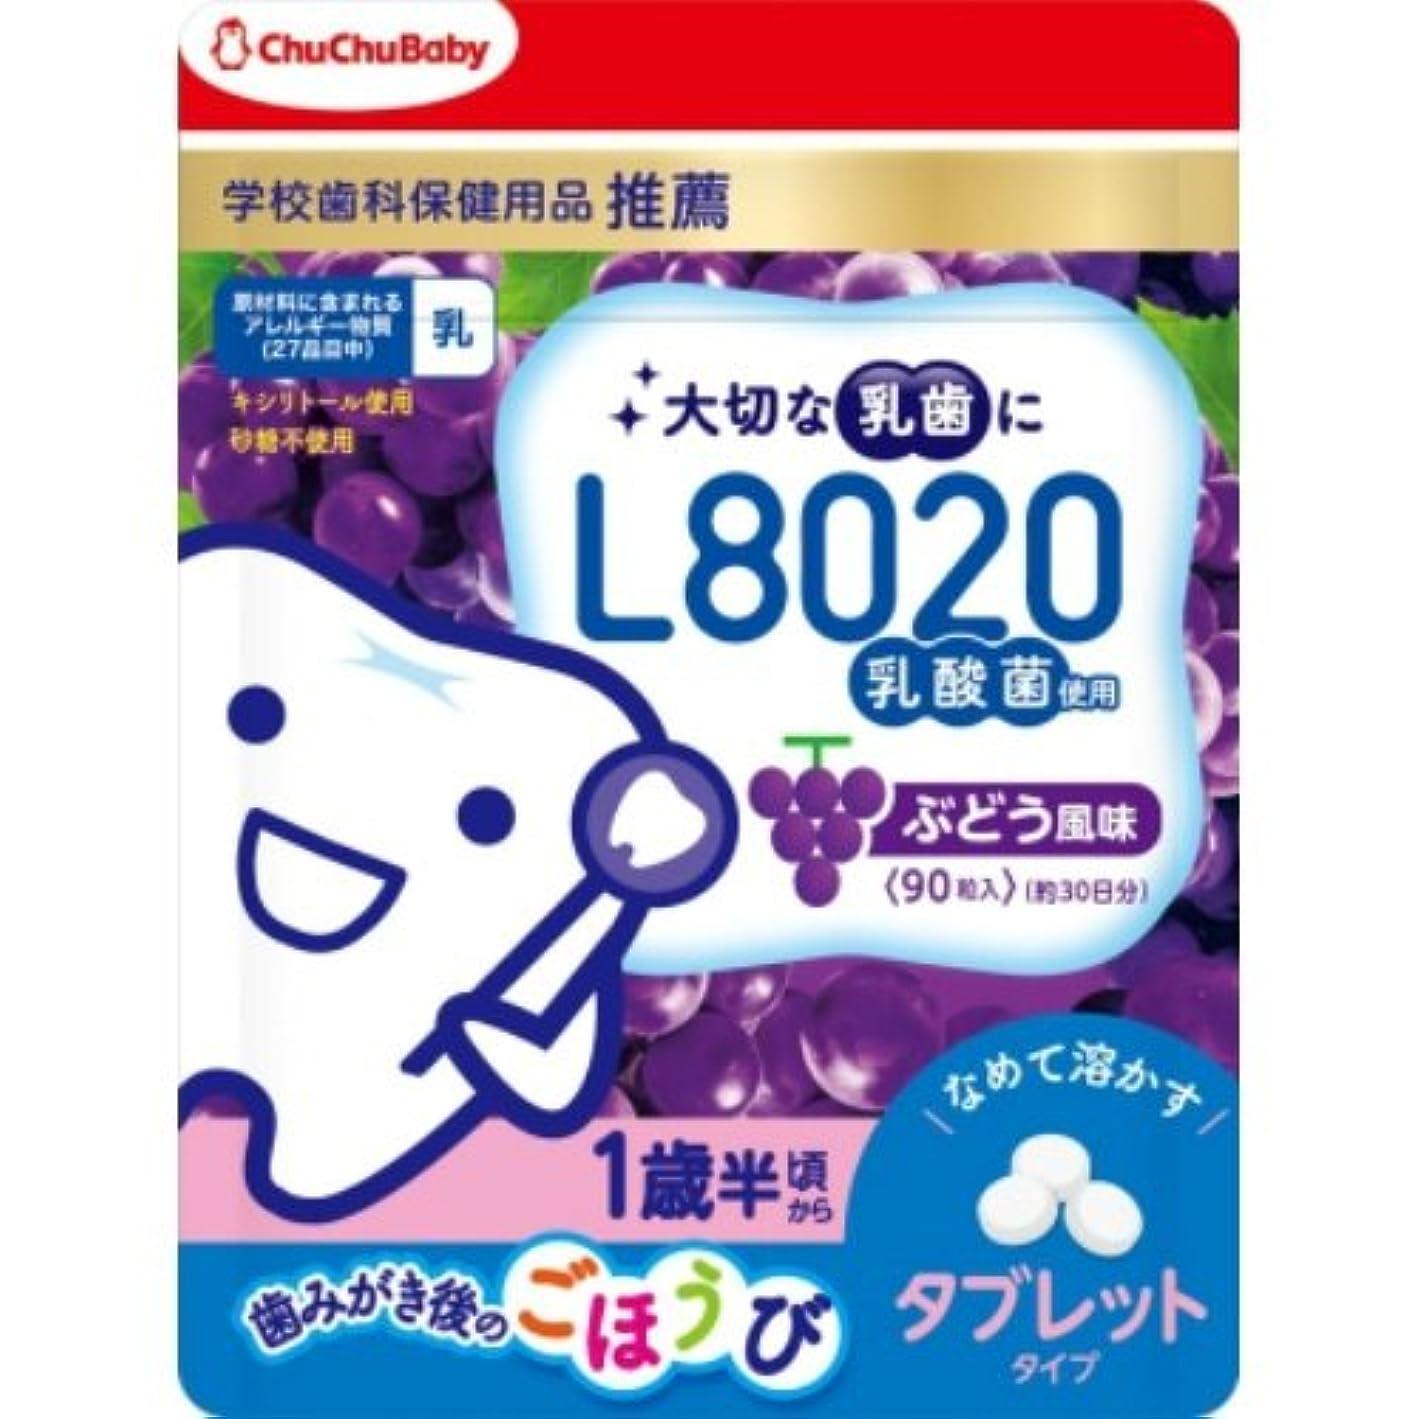 郵便物ずらすパプアニューギニアL8020乳酸菌チュチュベビータブレットぶどう風味 × 5個セット